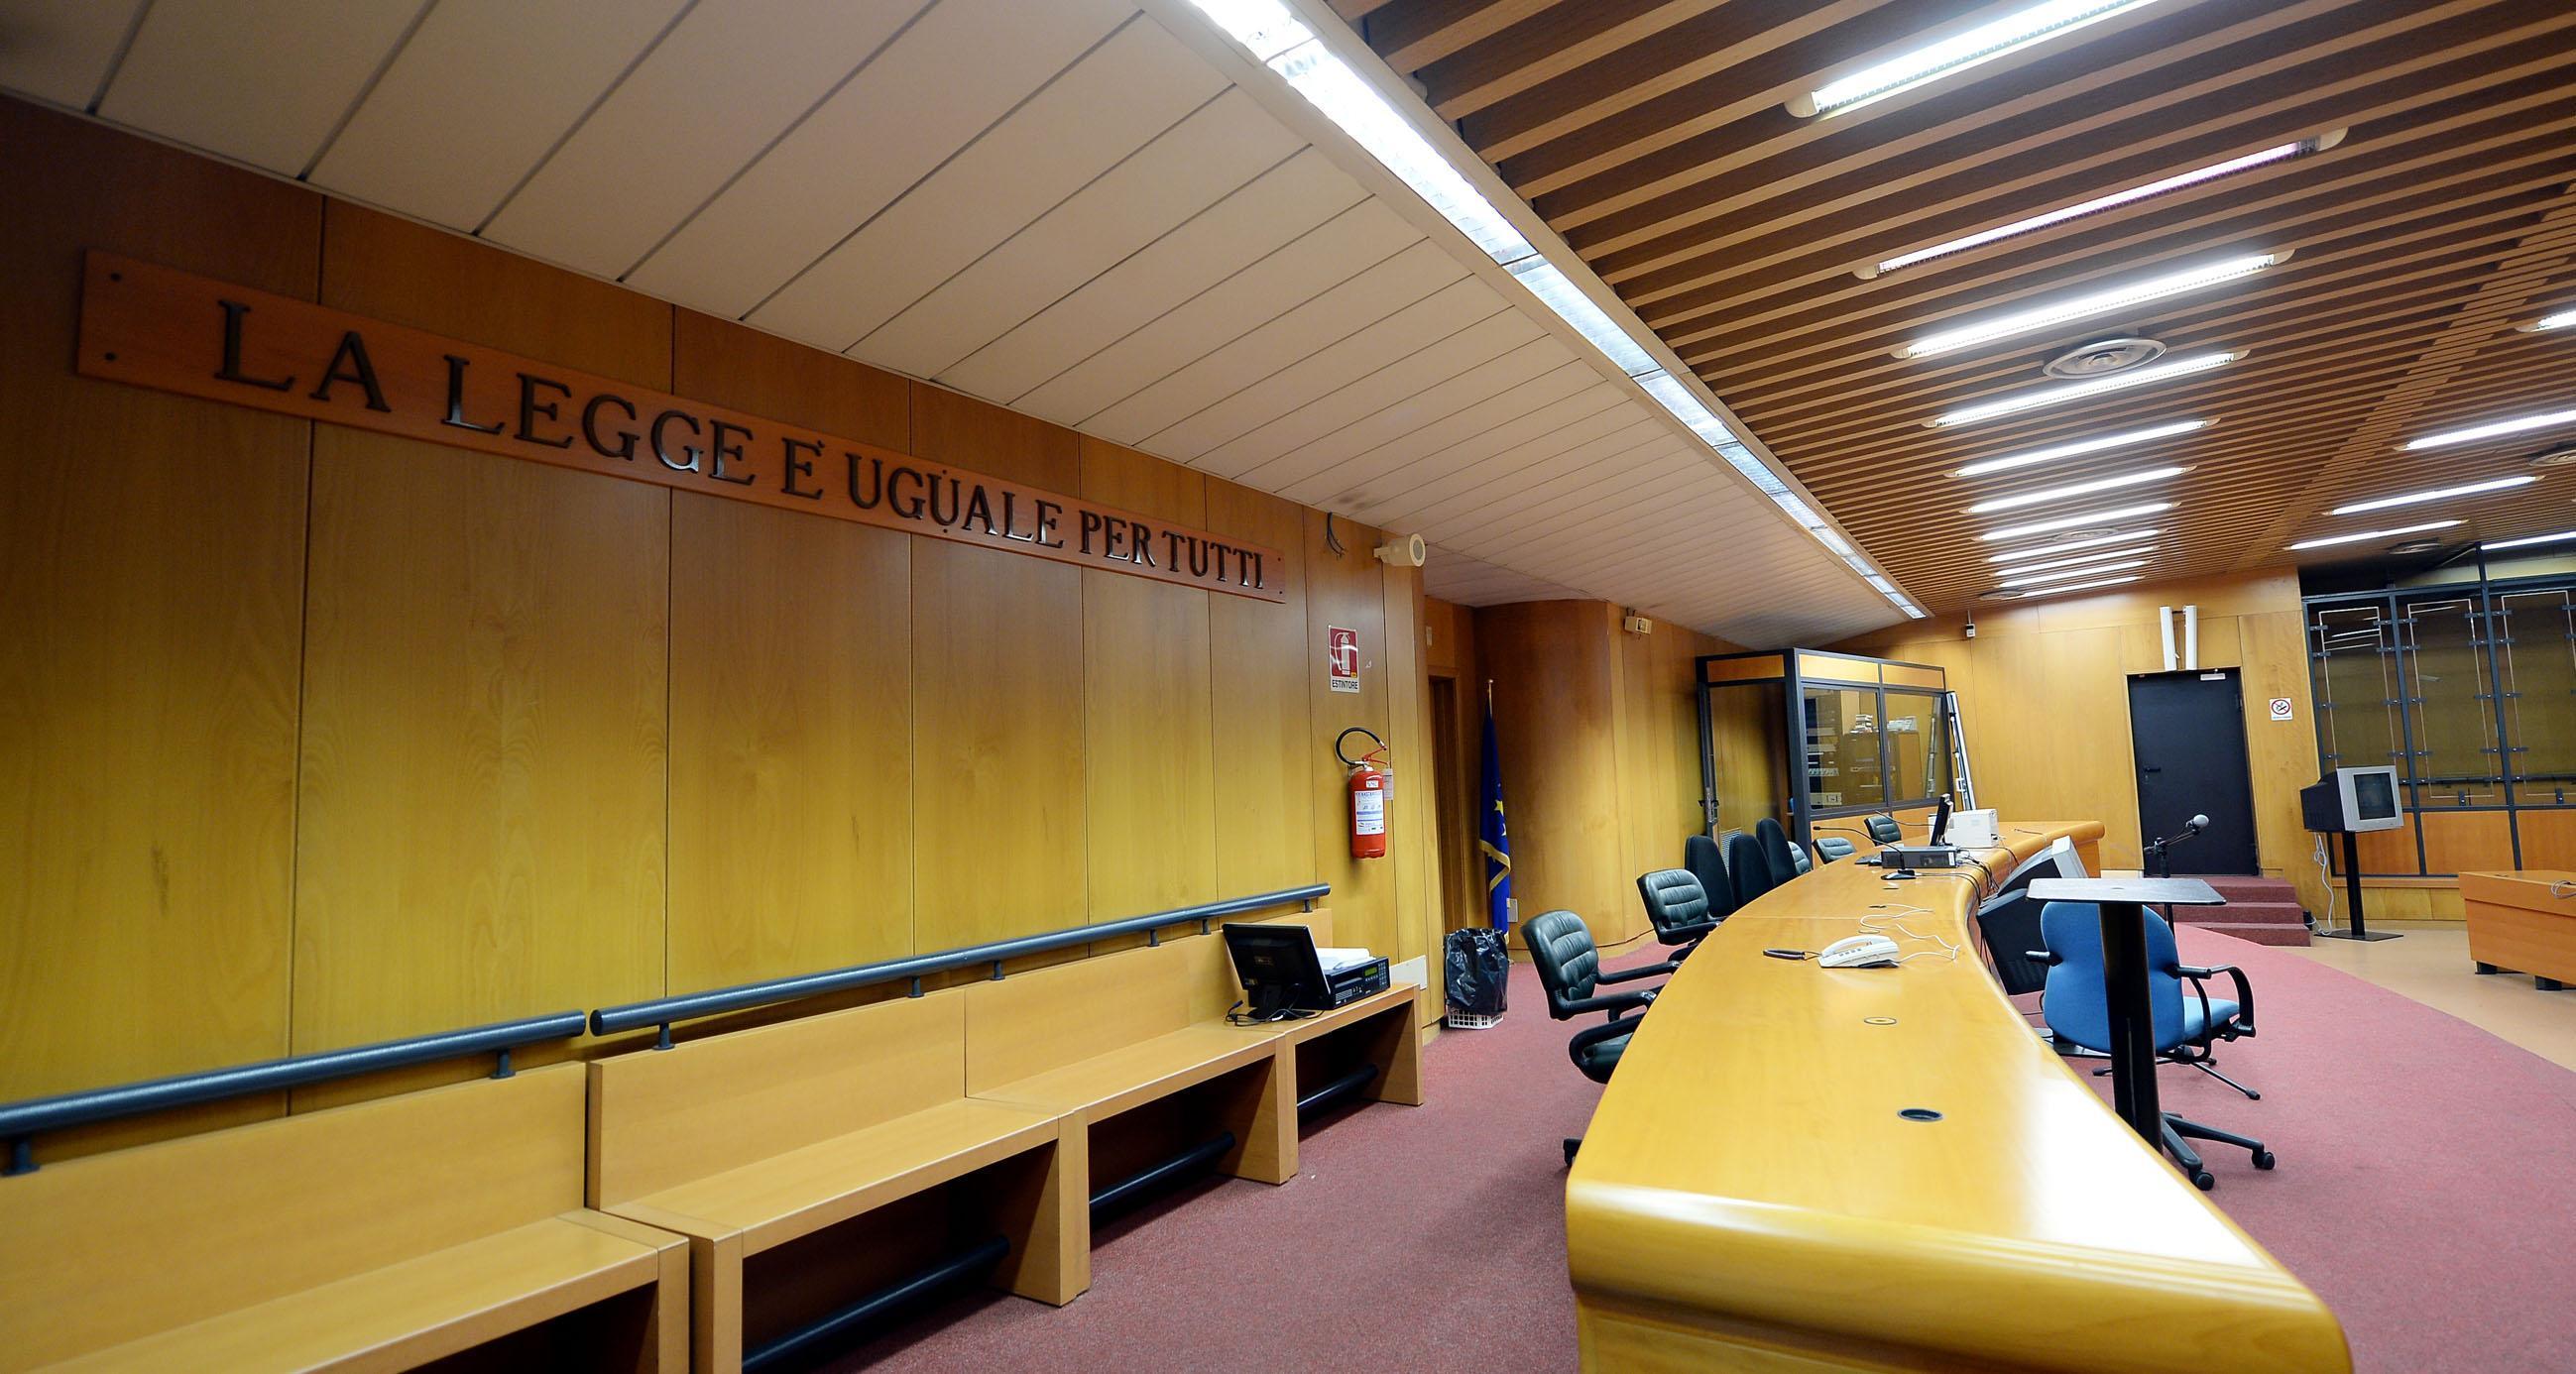 """Torino, decisione choc: """"Eiaculare su abiti di una donna non è violenza sessuale"""", gip rigetta arresto"""